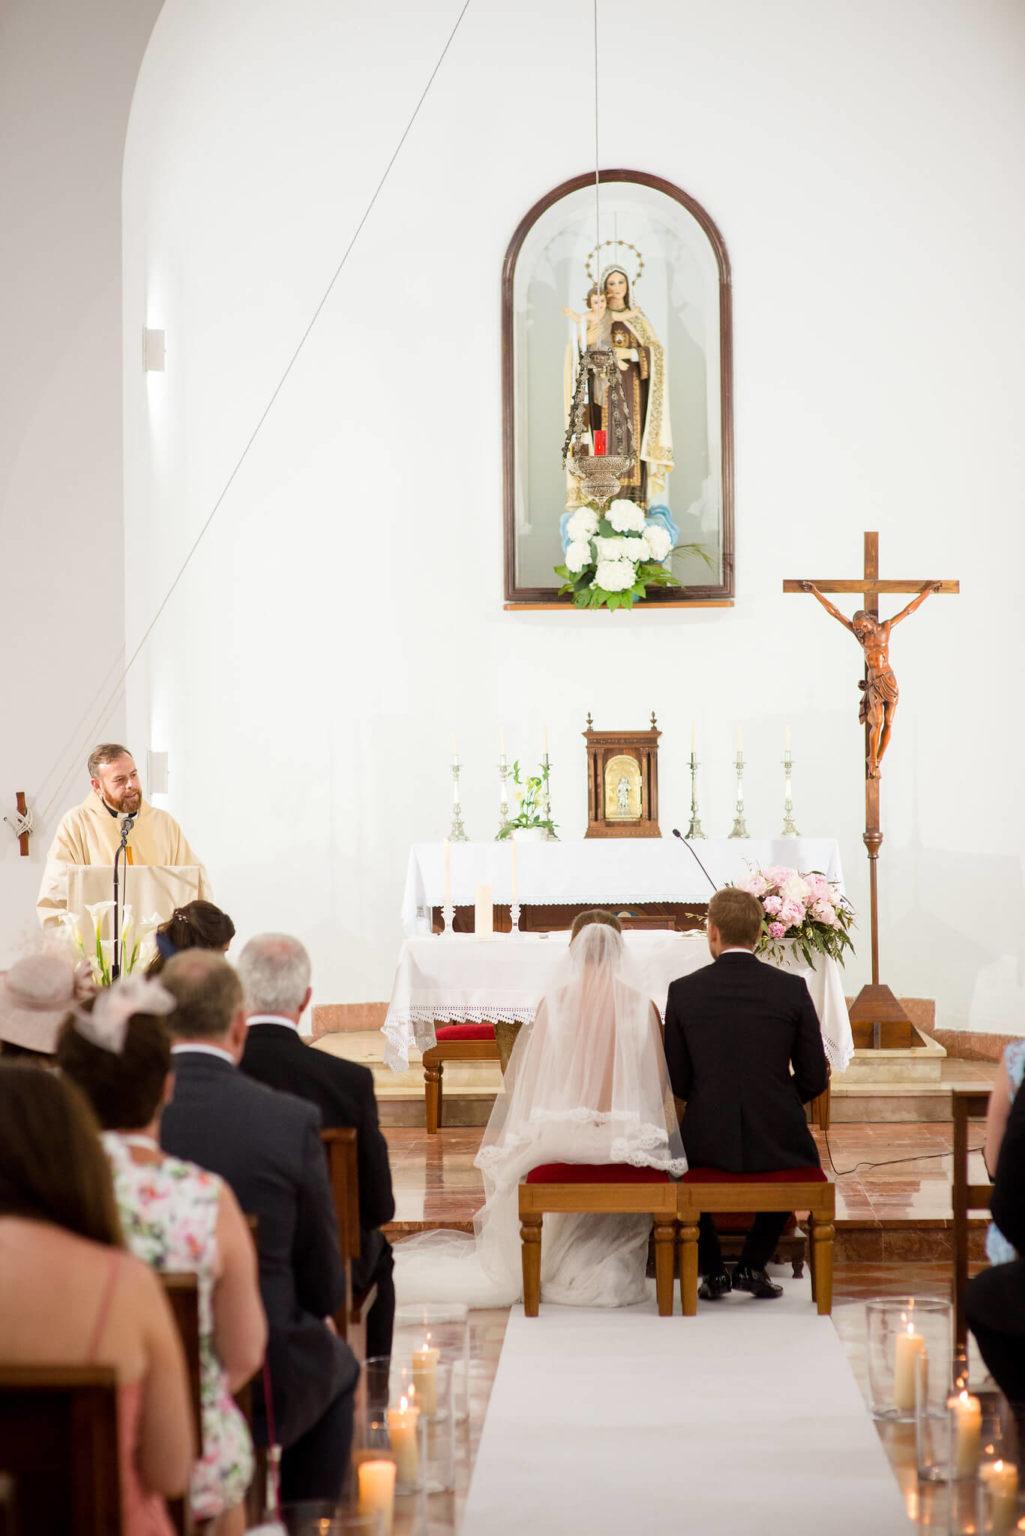 https://www.white-ibiza.com/wp-content/uploads/2020/03/ibiza-wedding-photographer-gypsy-westwood-2020-10-1025x1536.jpg